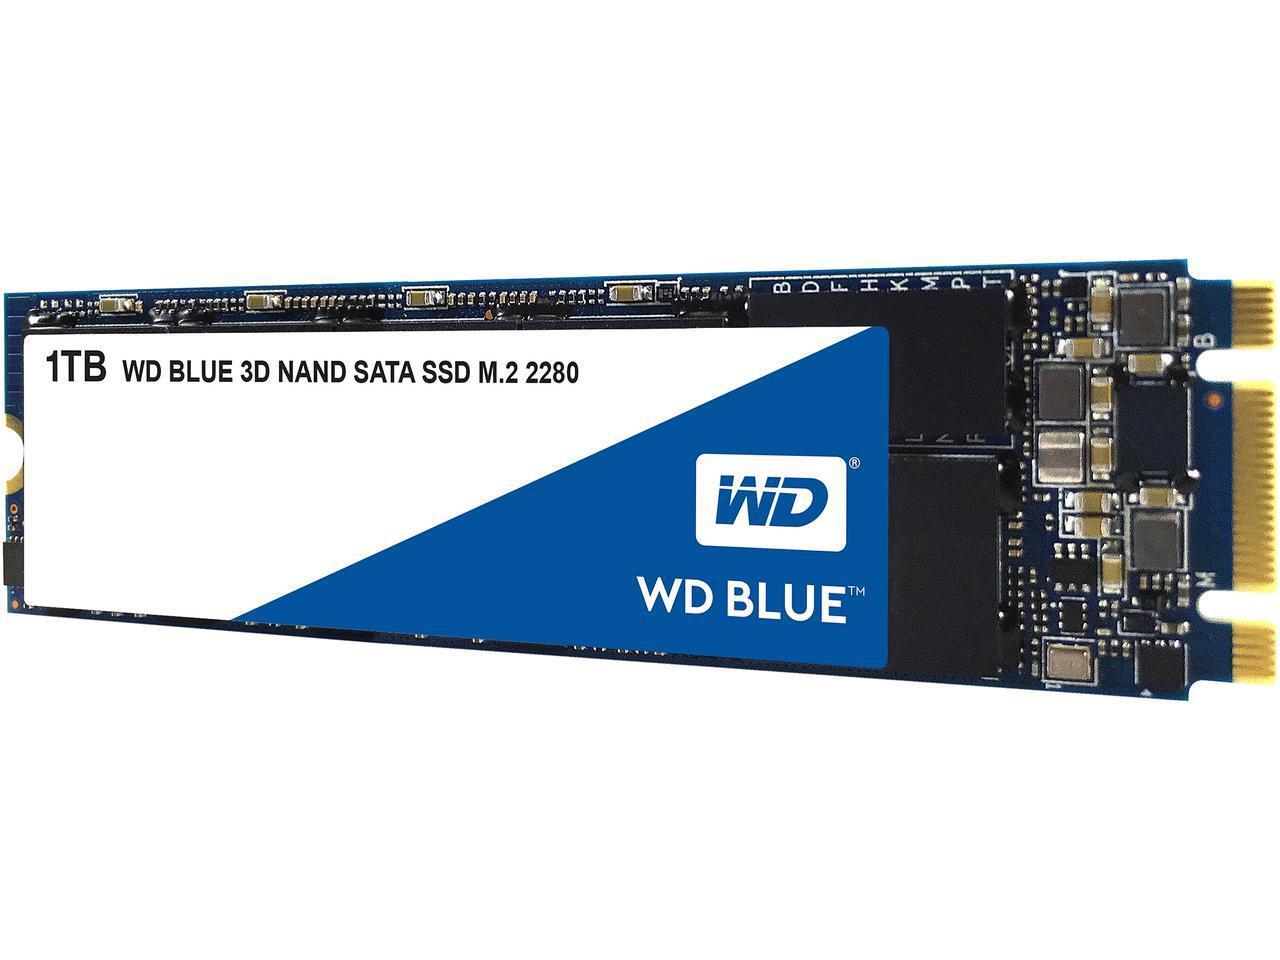 WD Blue 1TB m.2 SATA SSD $140 @ Newegg AC/FS $139.99